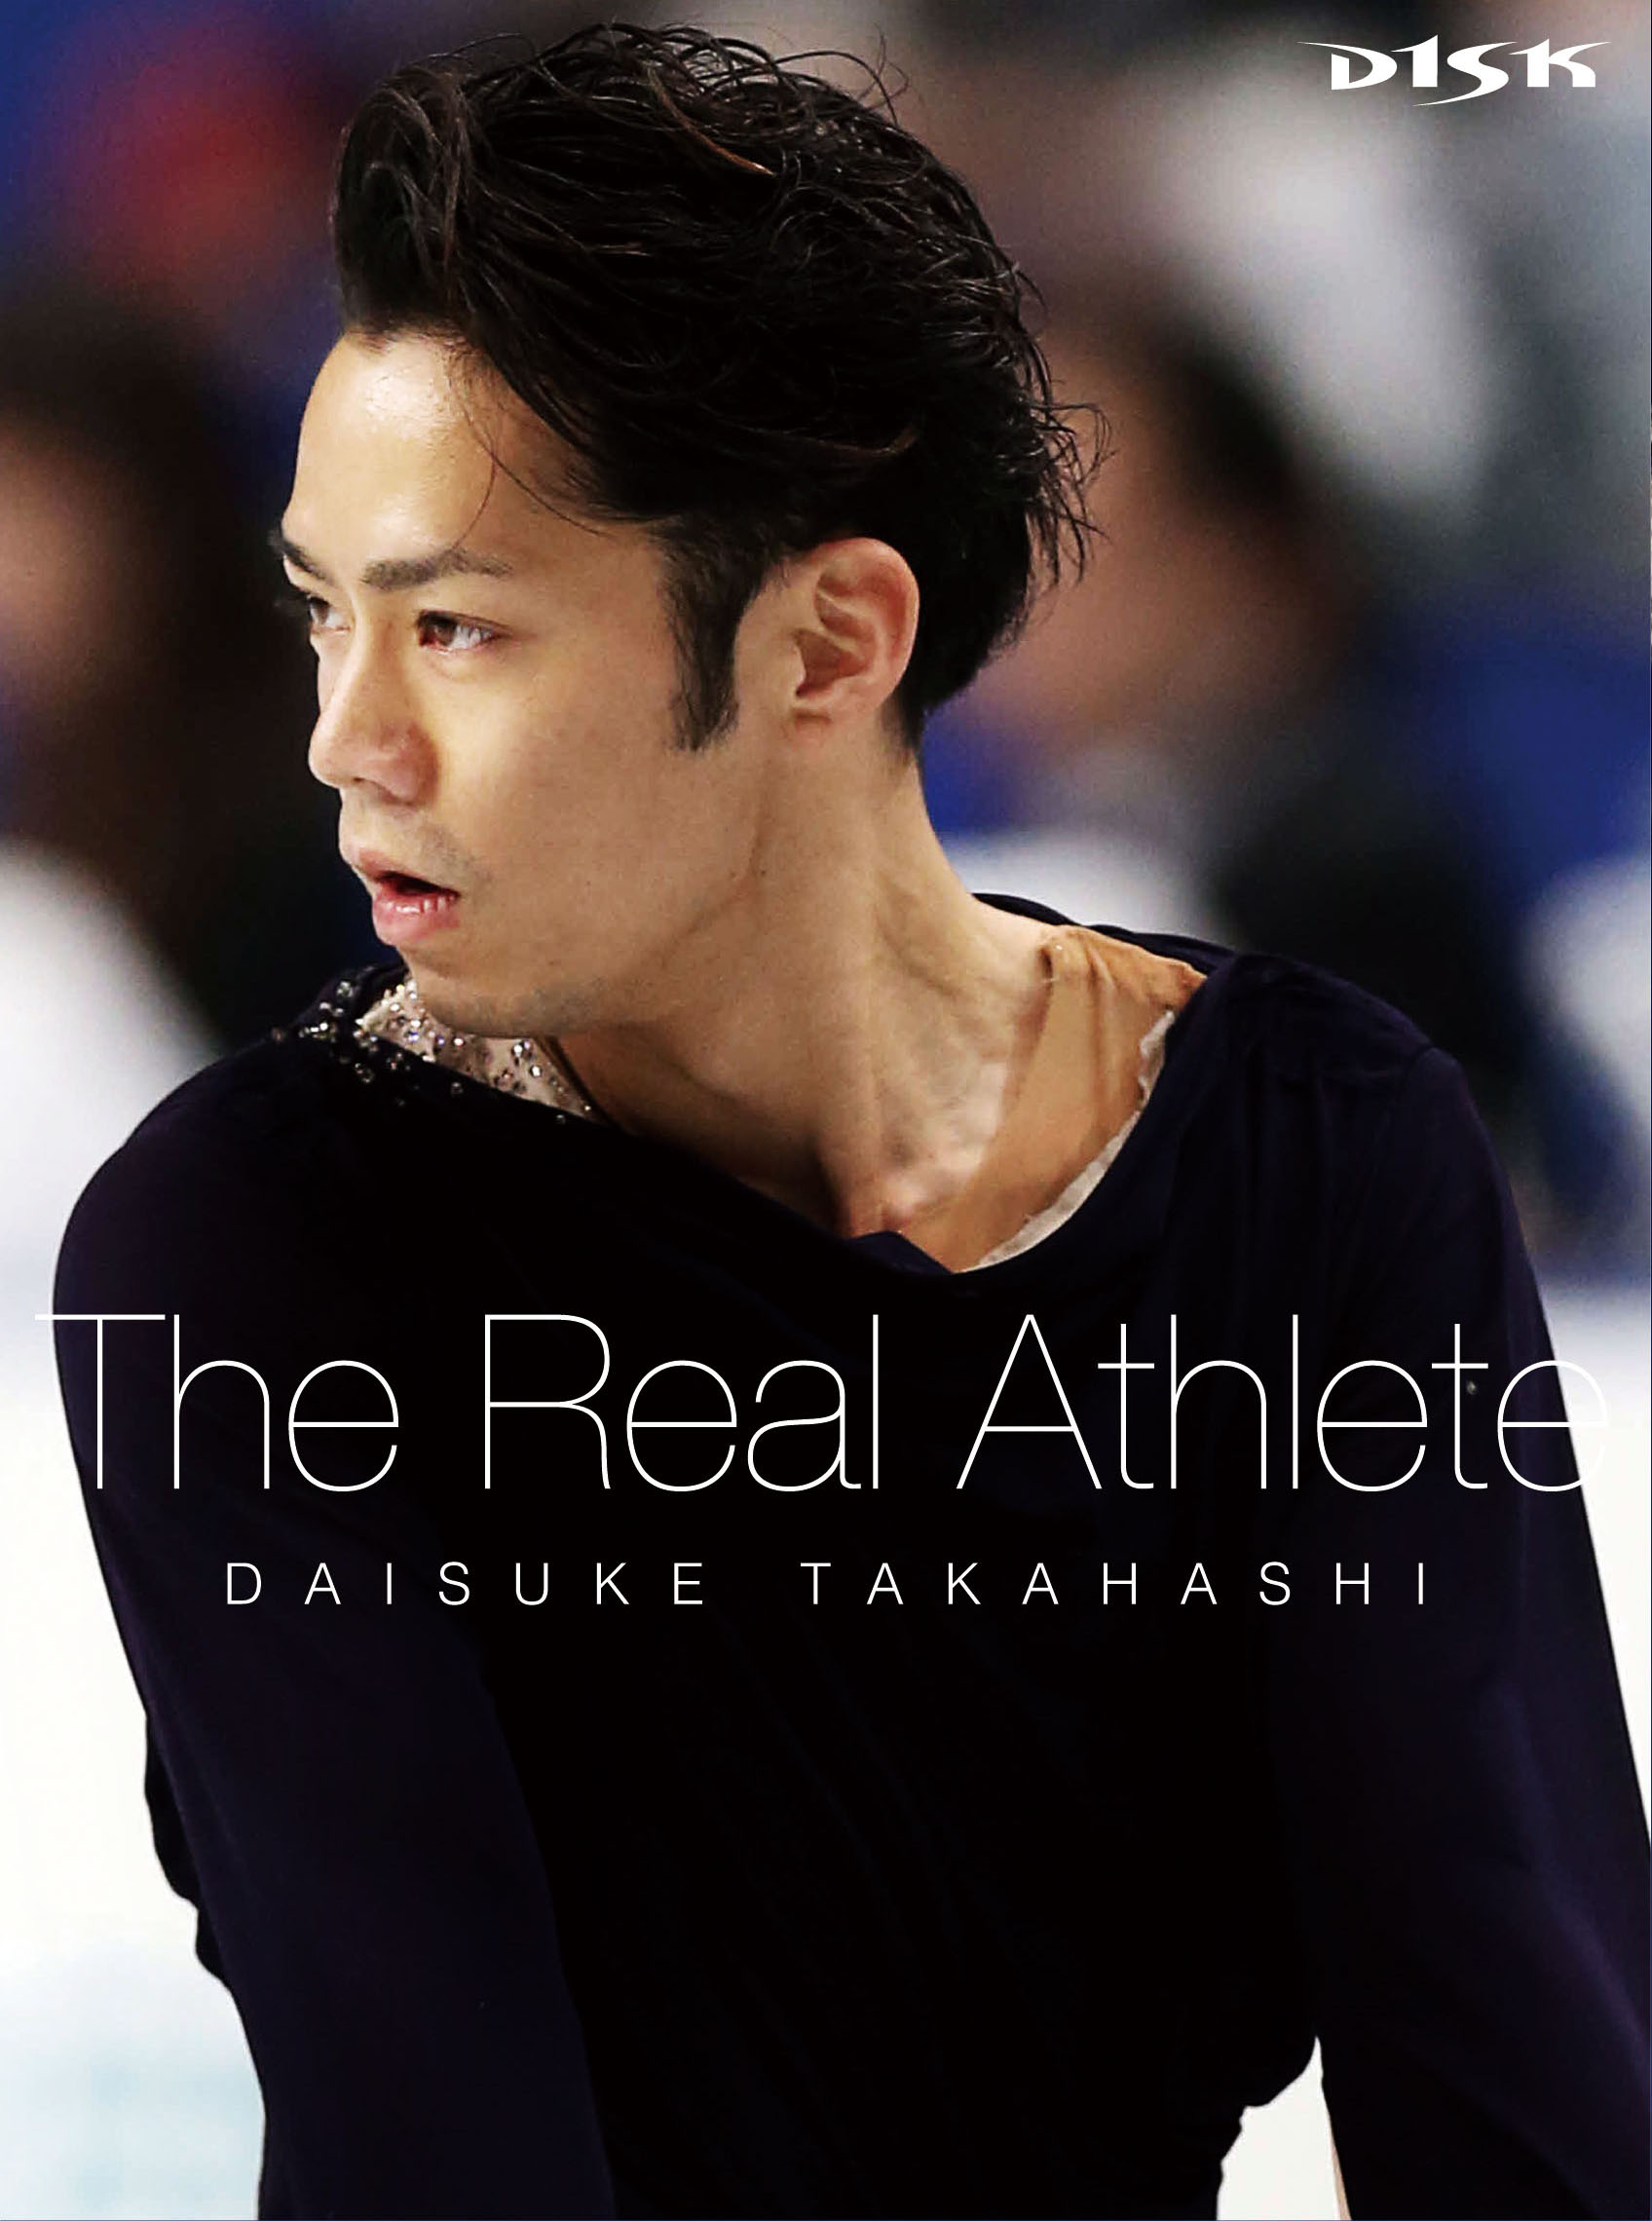 【特典付】高橋大輔 The Real Athlete DVD 数量限定生産商品 (DVD)